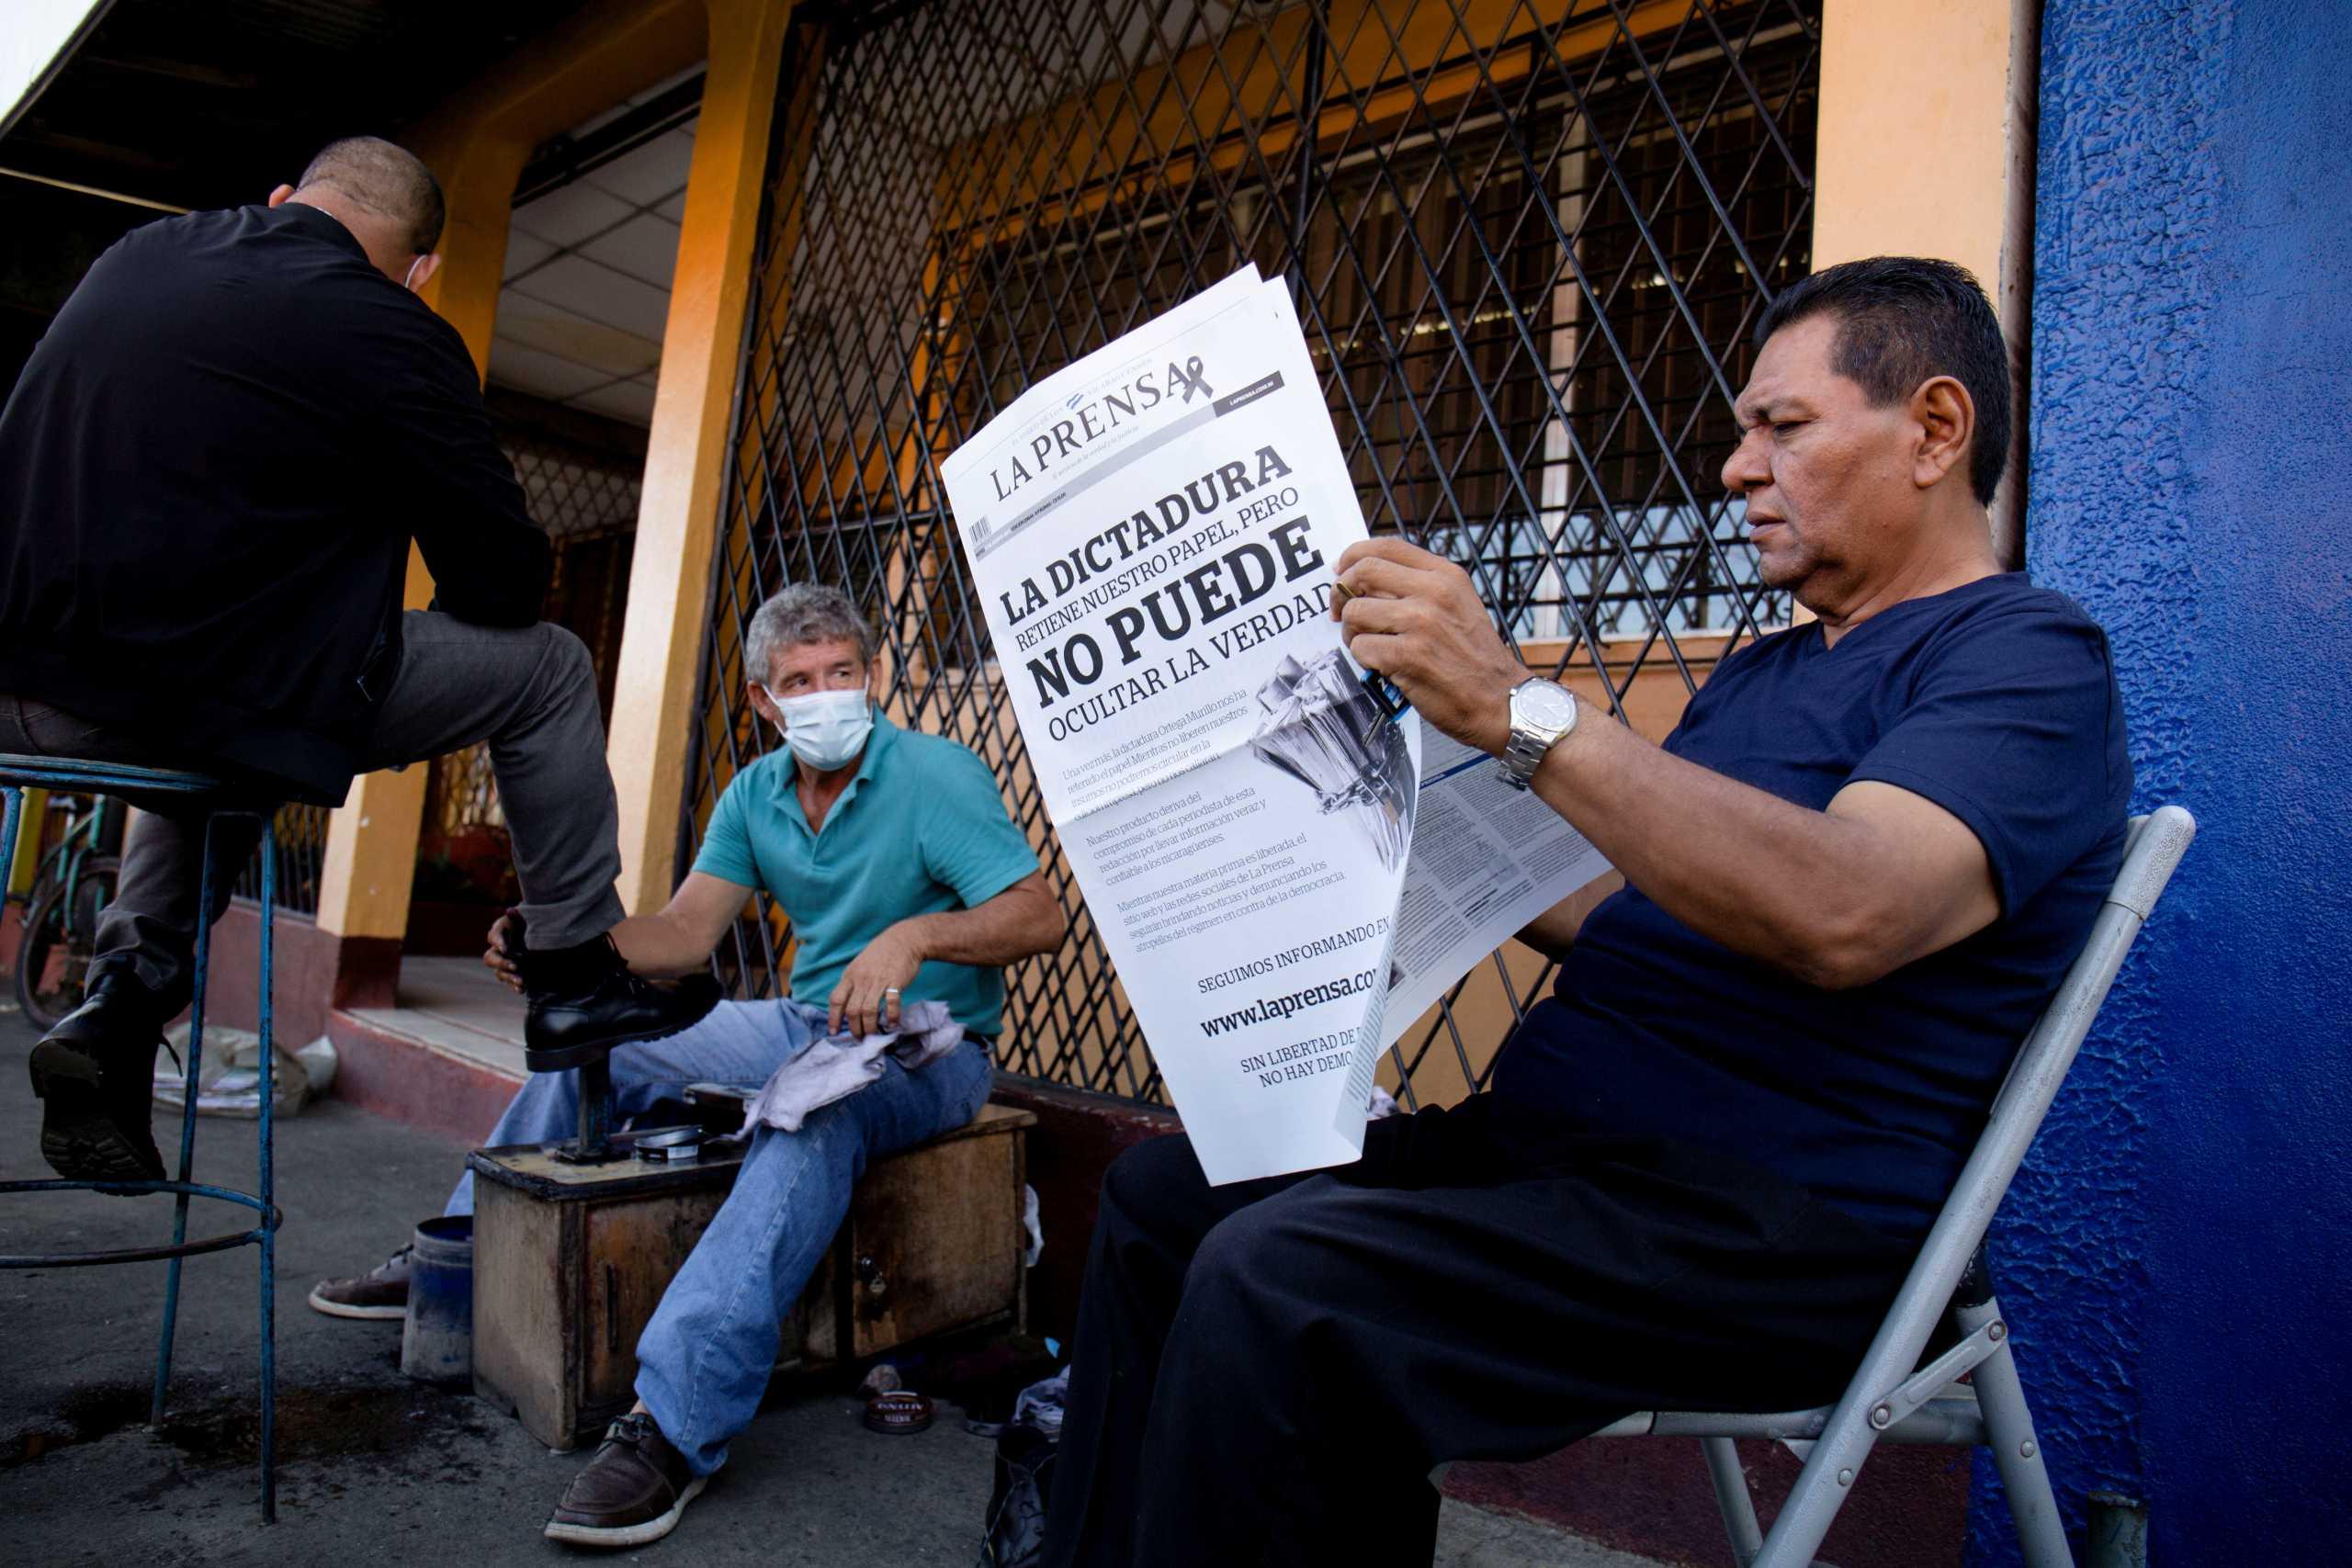 Νικαράγουα: Αντιπολιτευόμενη εφημερίδα αναστέλλει την έκδοσή της λόγω έλλειψης χαρτιού